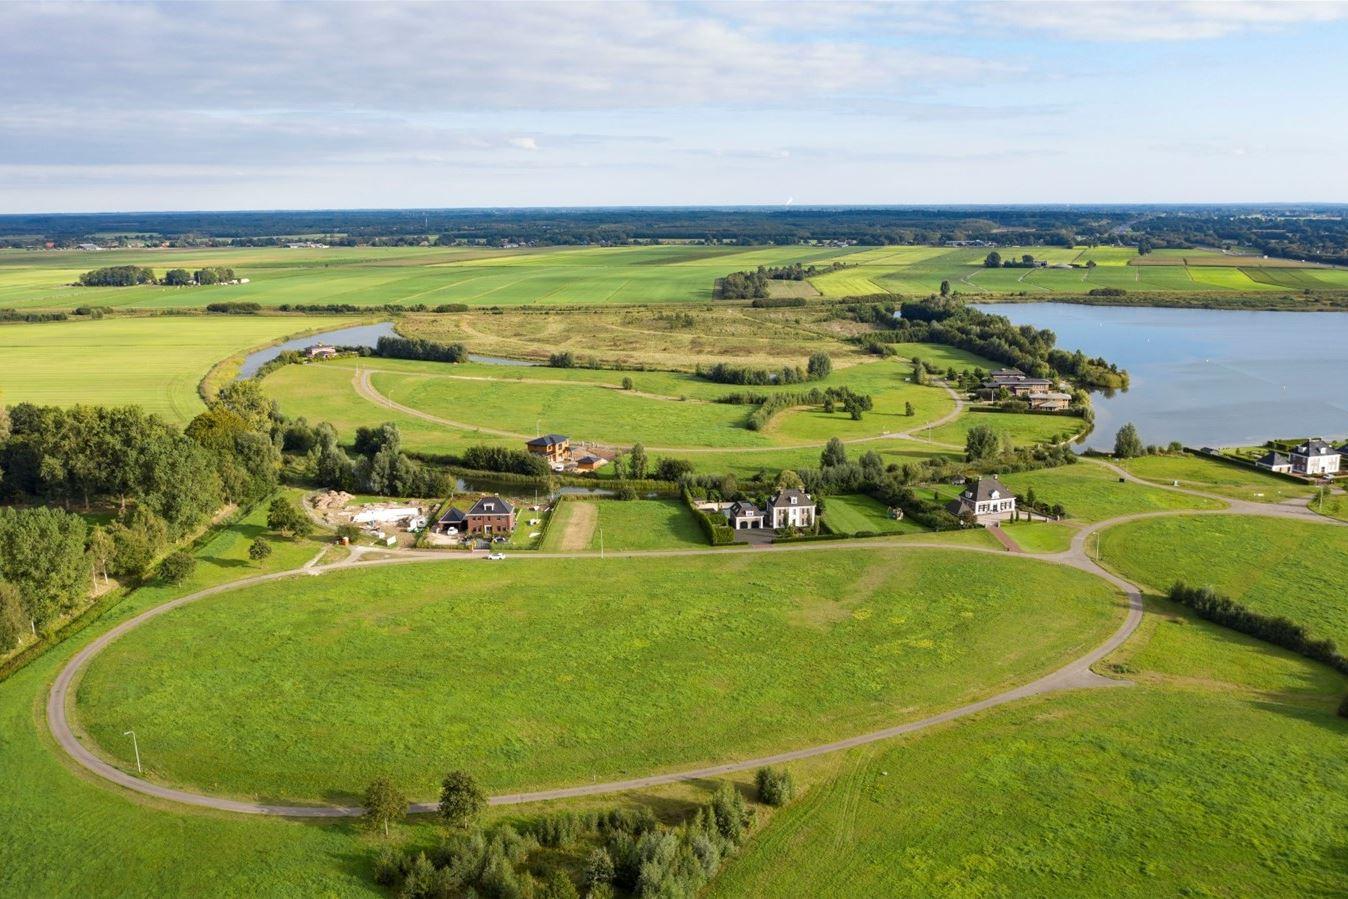 Bekijk foto 1 van Landgoed de Woldberg kavel 32